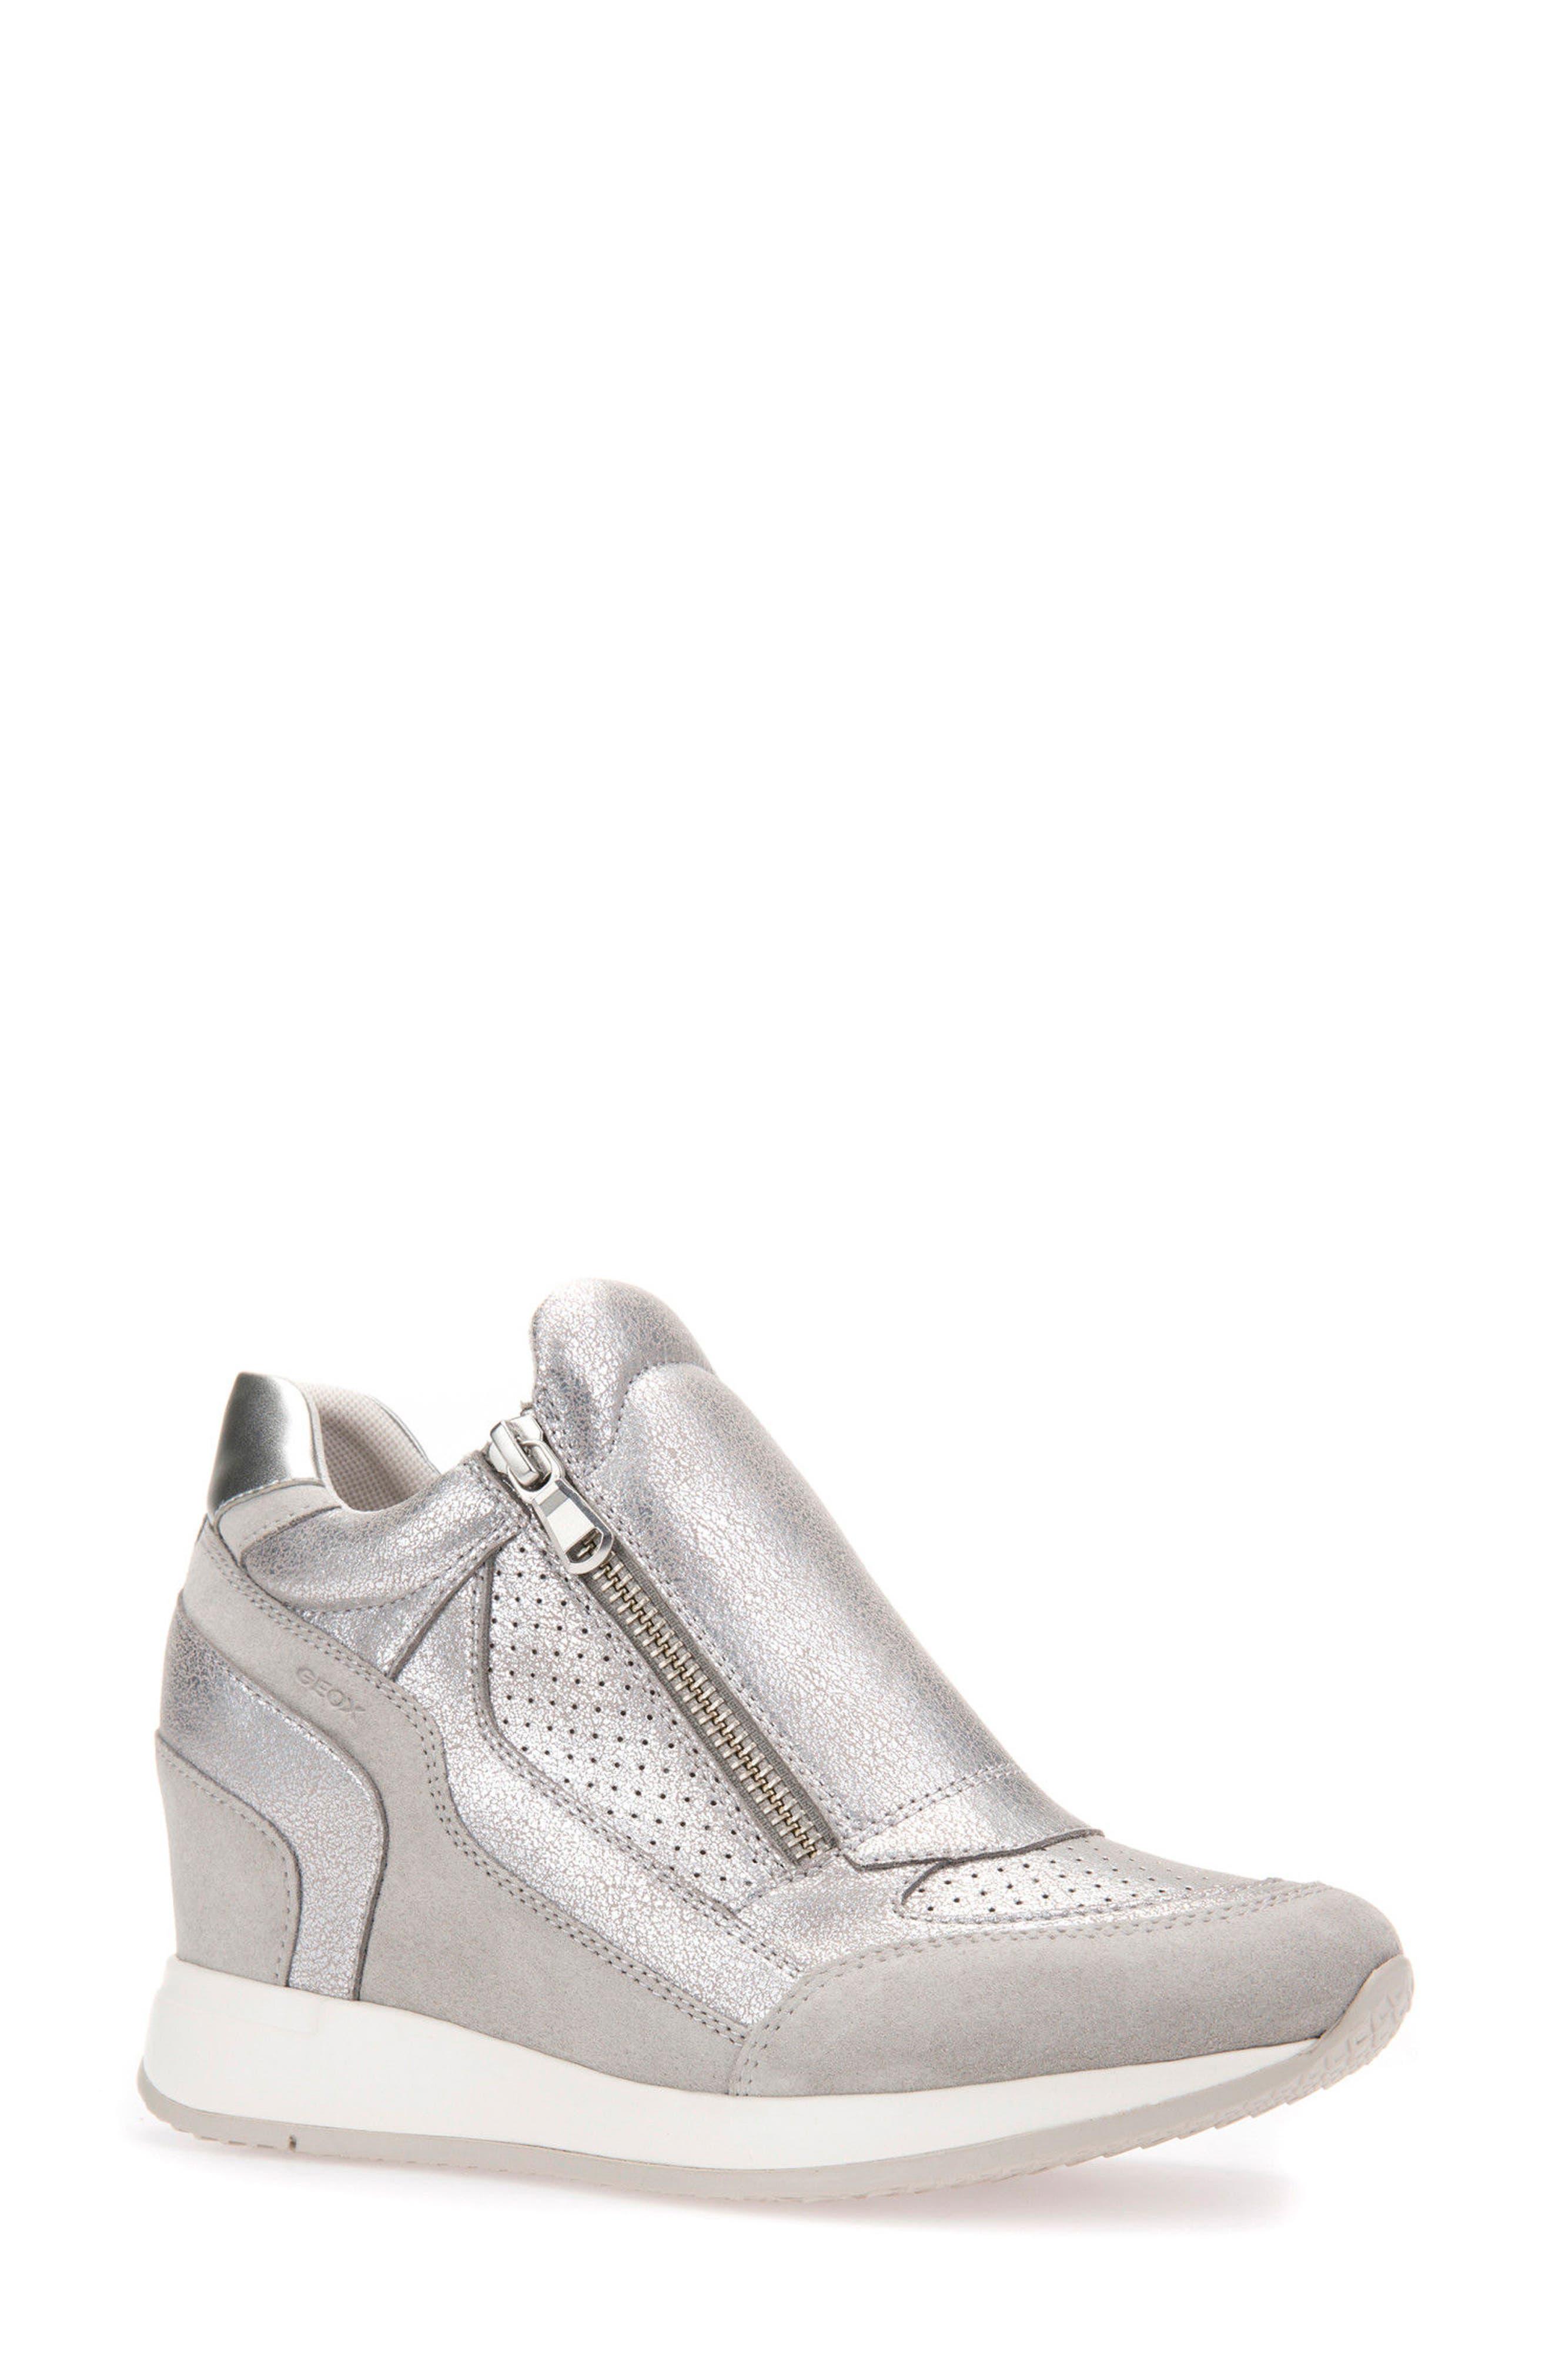 GEOX | Nydame Wedge Sneaker | Nordstrom